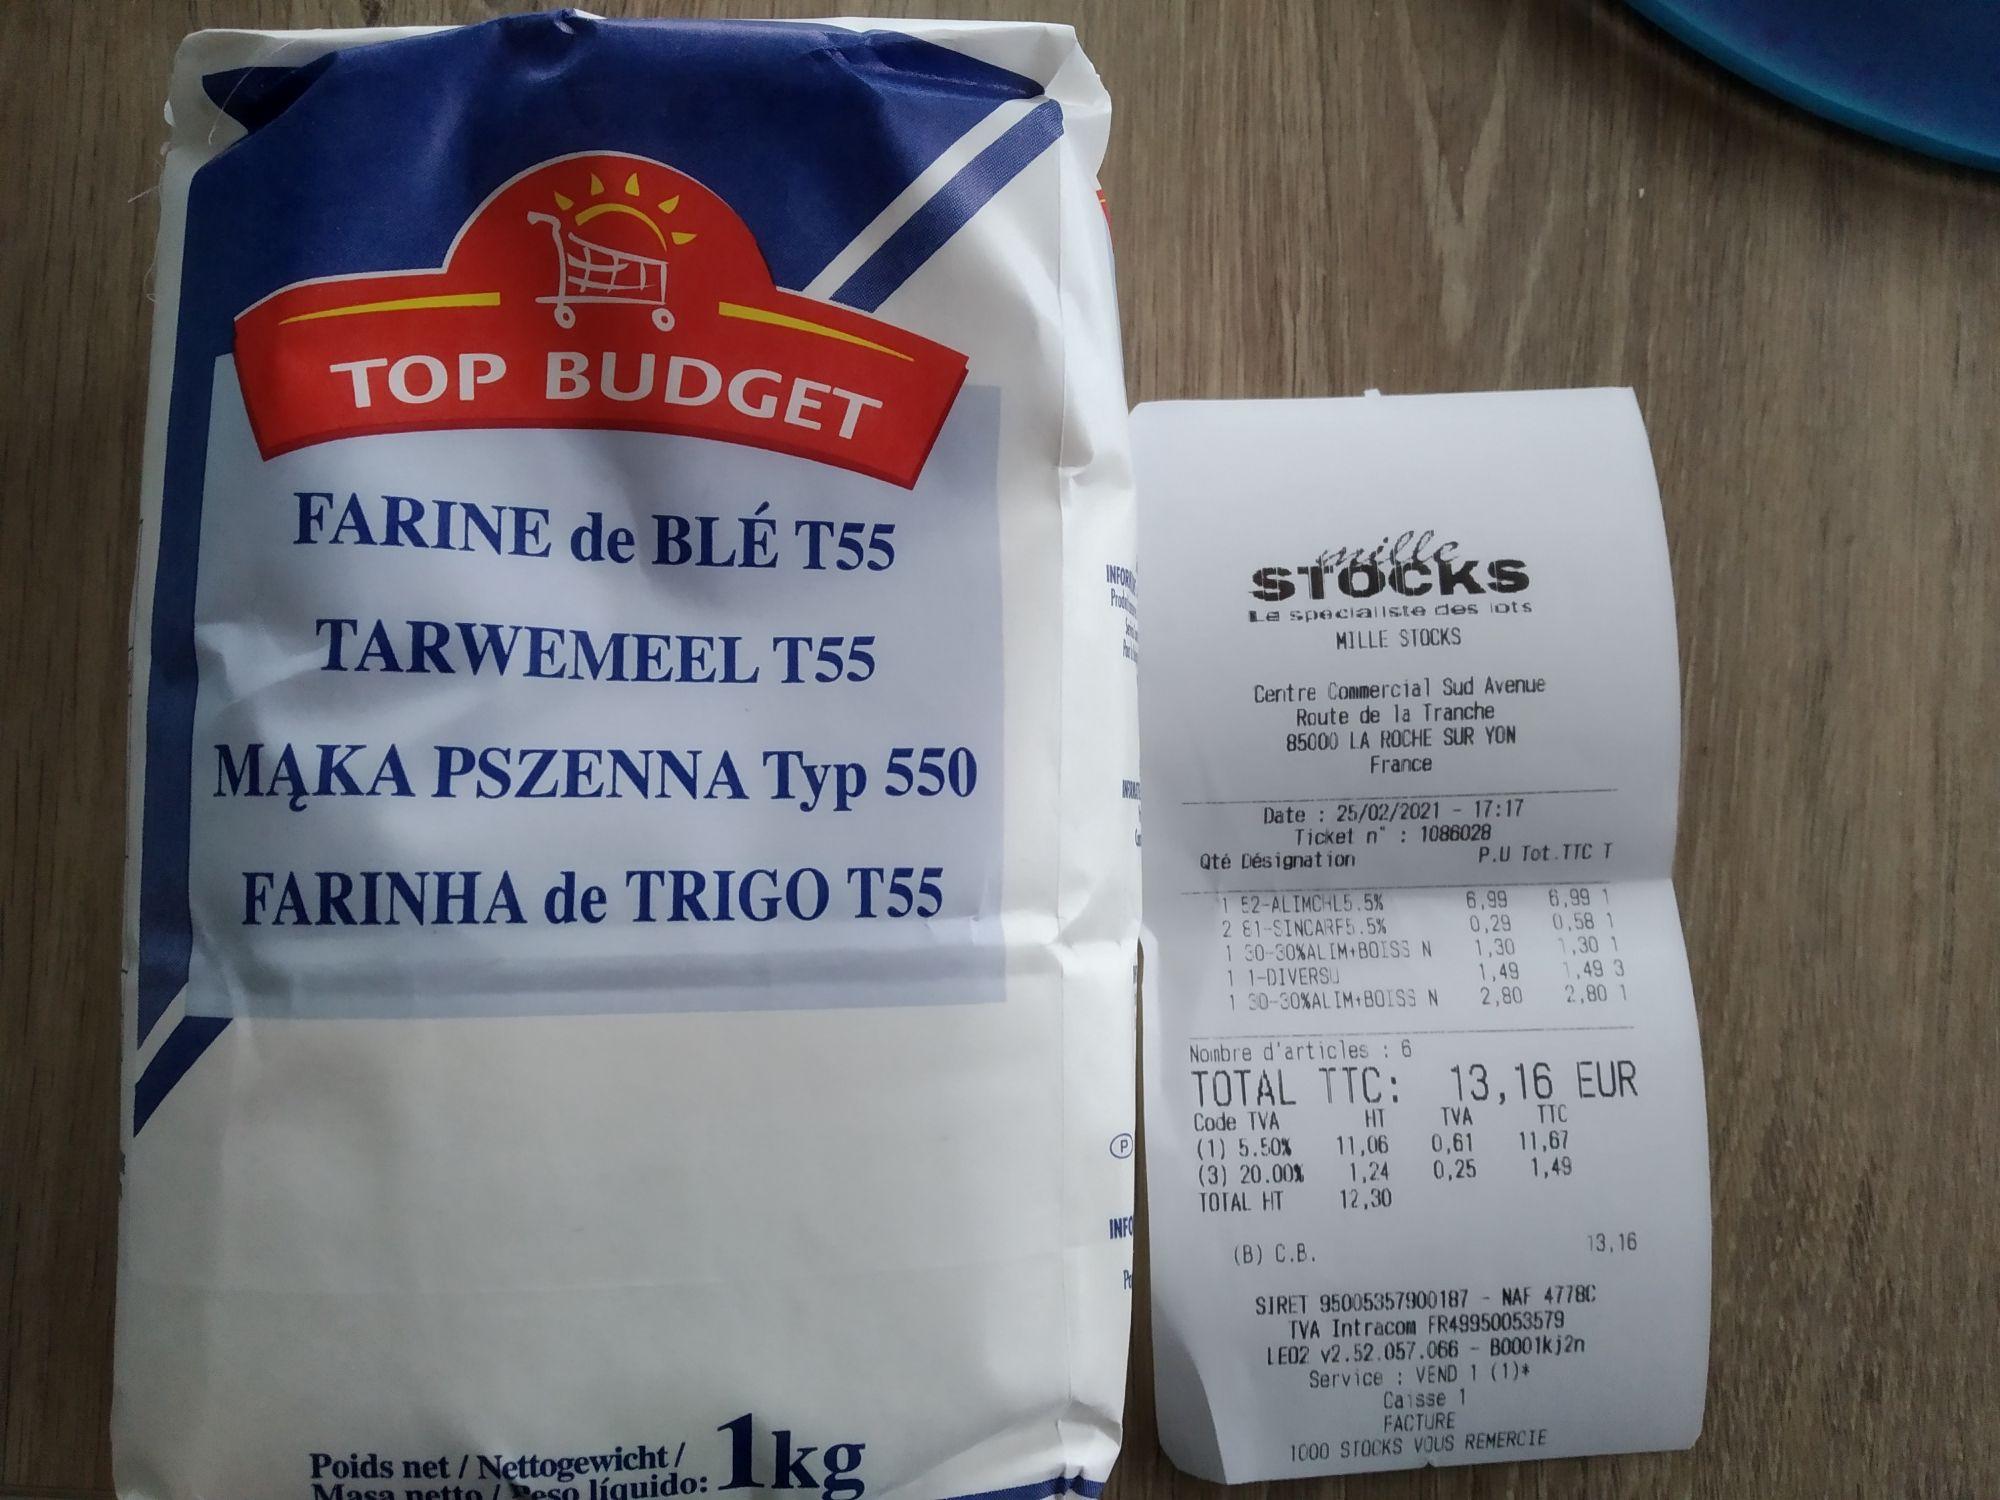 Sac de 1kg de Farine de blé T55 Top Budget - Mille Stocks La Roche sur Yon (85)